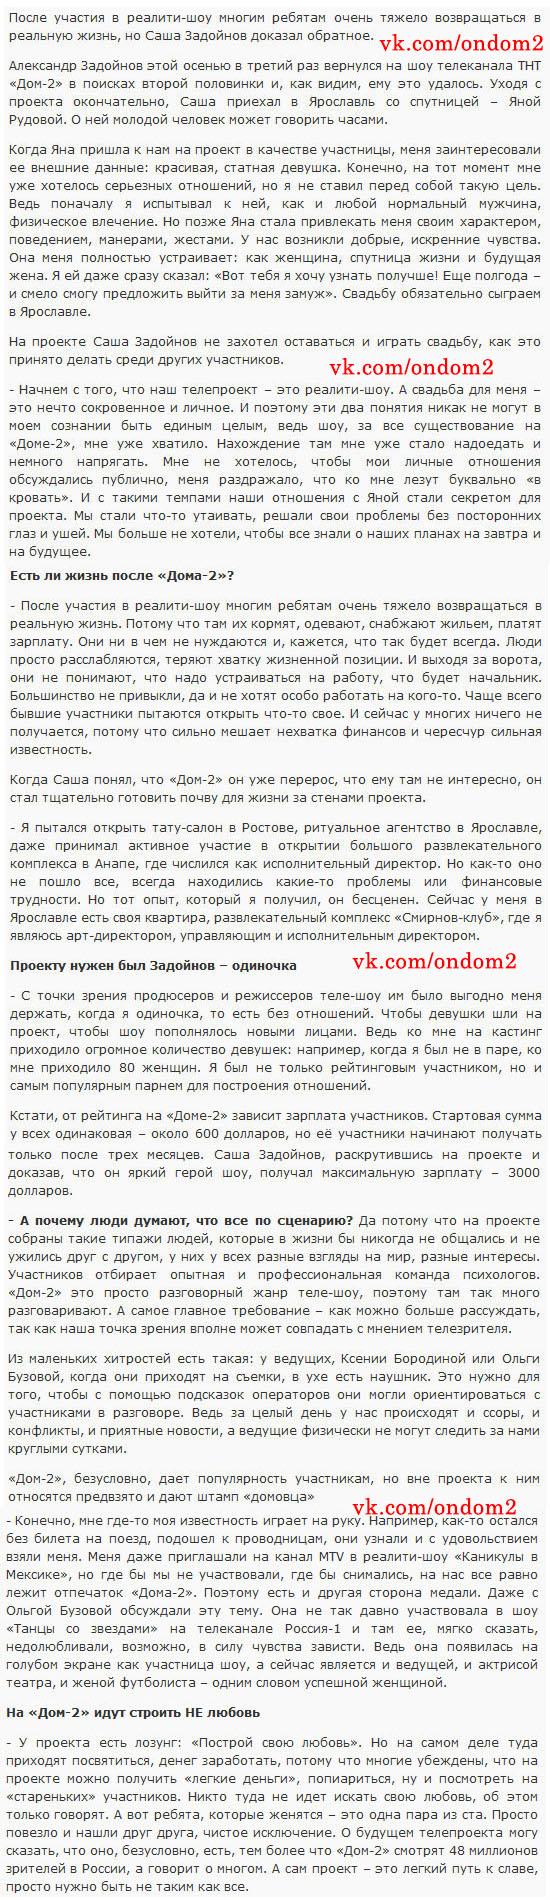 Откровение Задойнова о зарплатах, интригах и своём уходе с проекта